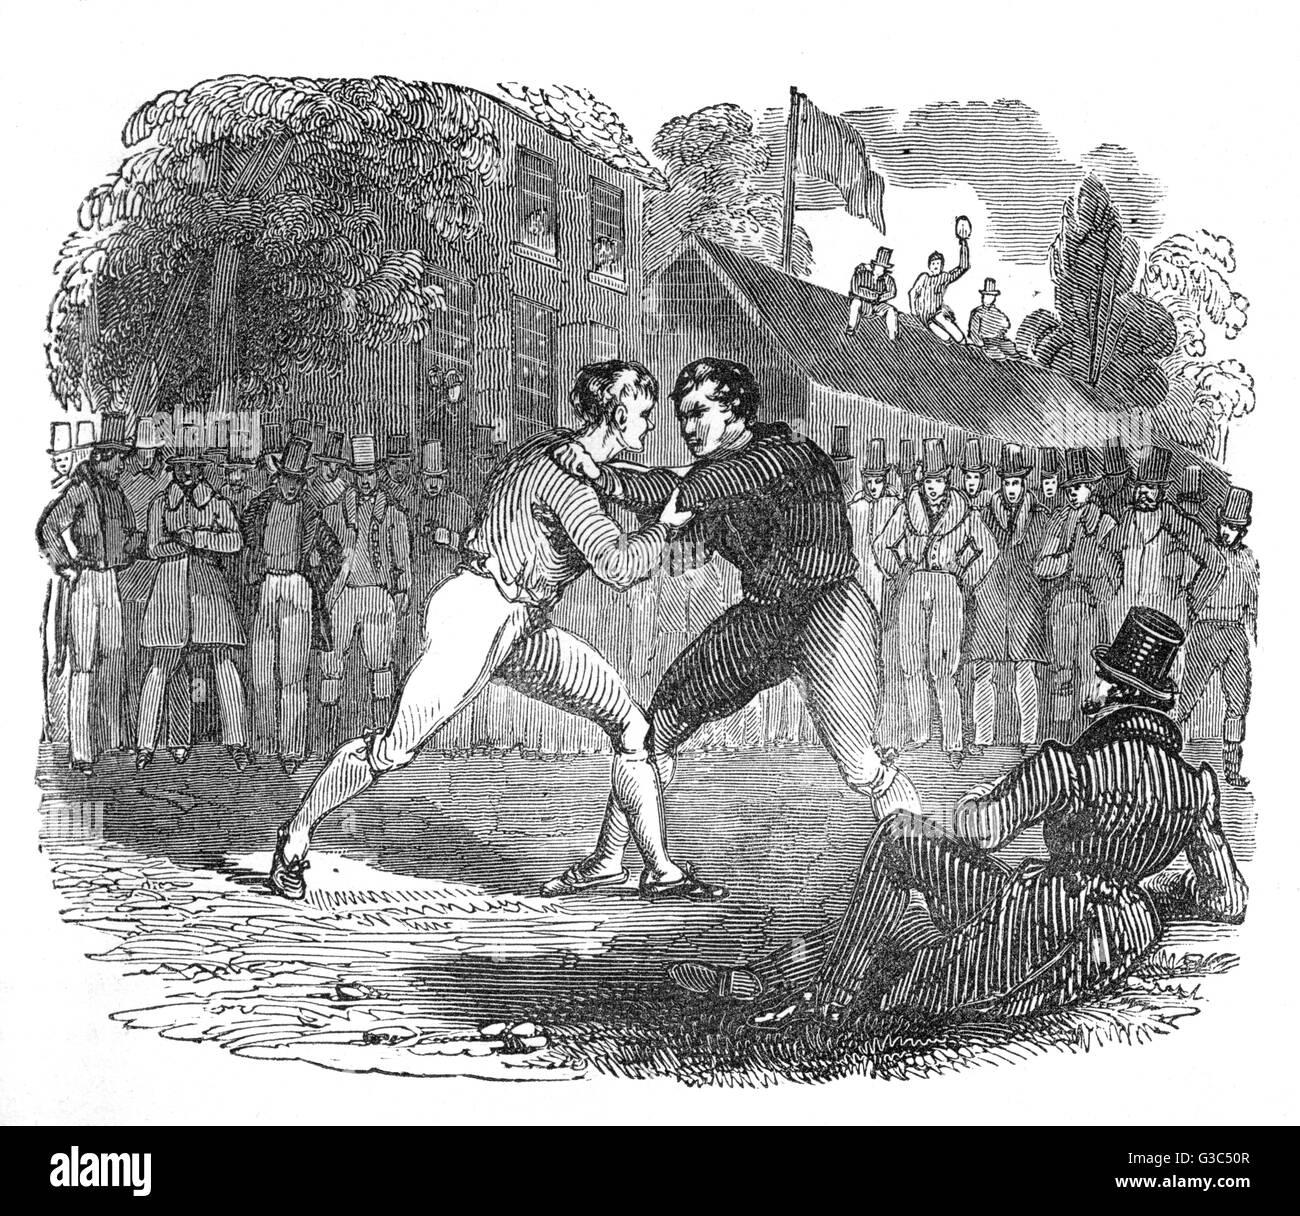 Illustration, deux hommes luttant dans l'air libre, surveillée par un cercle de spectateurs. Date: Photo Stock